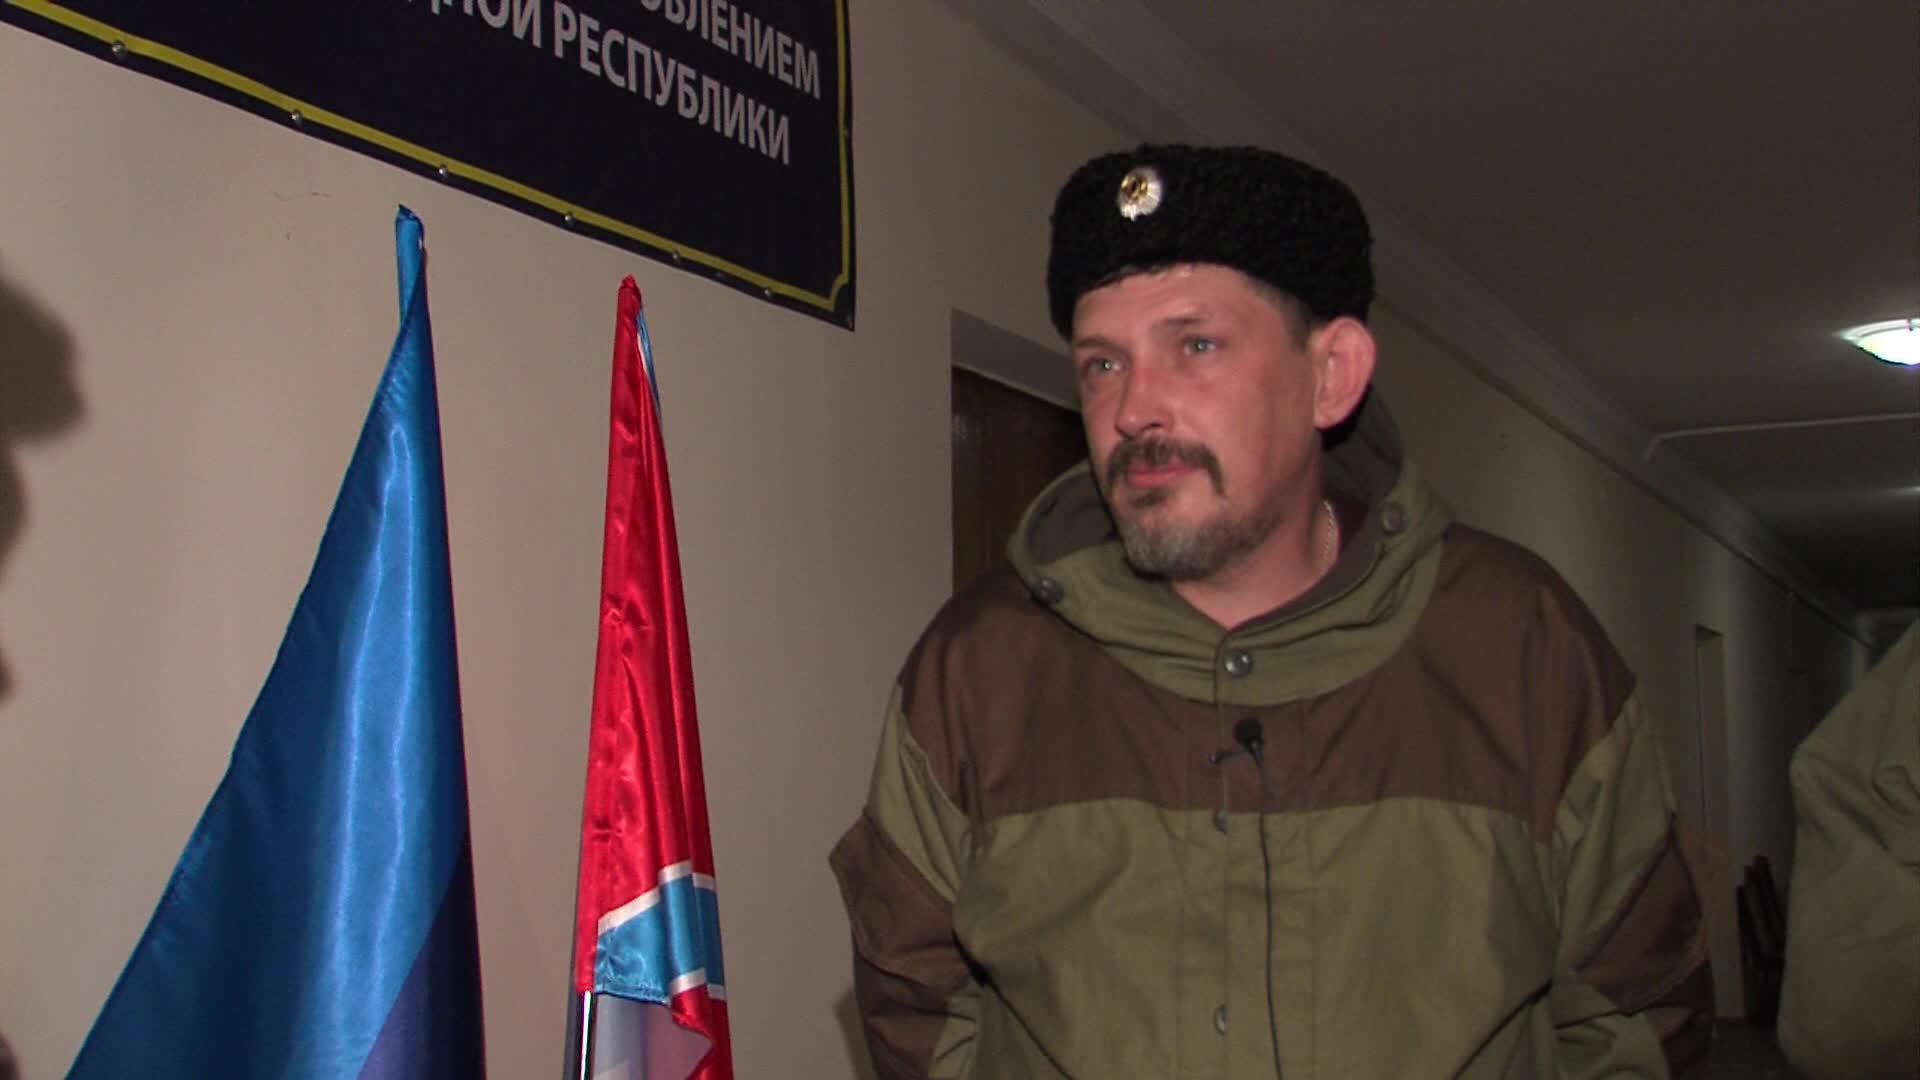 Павел Дрёмов в ОГА Луганска